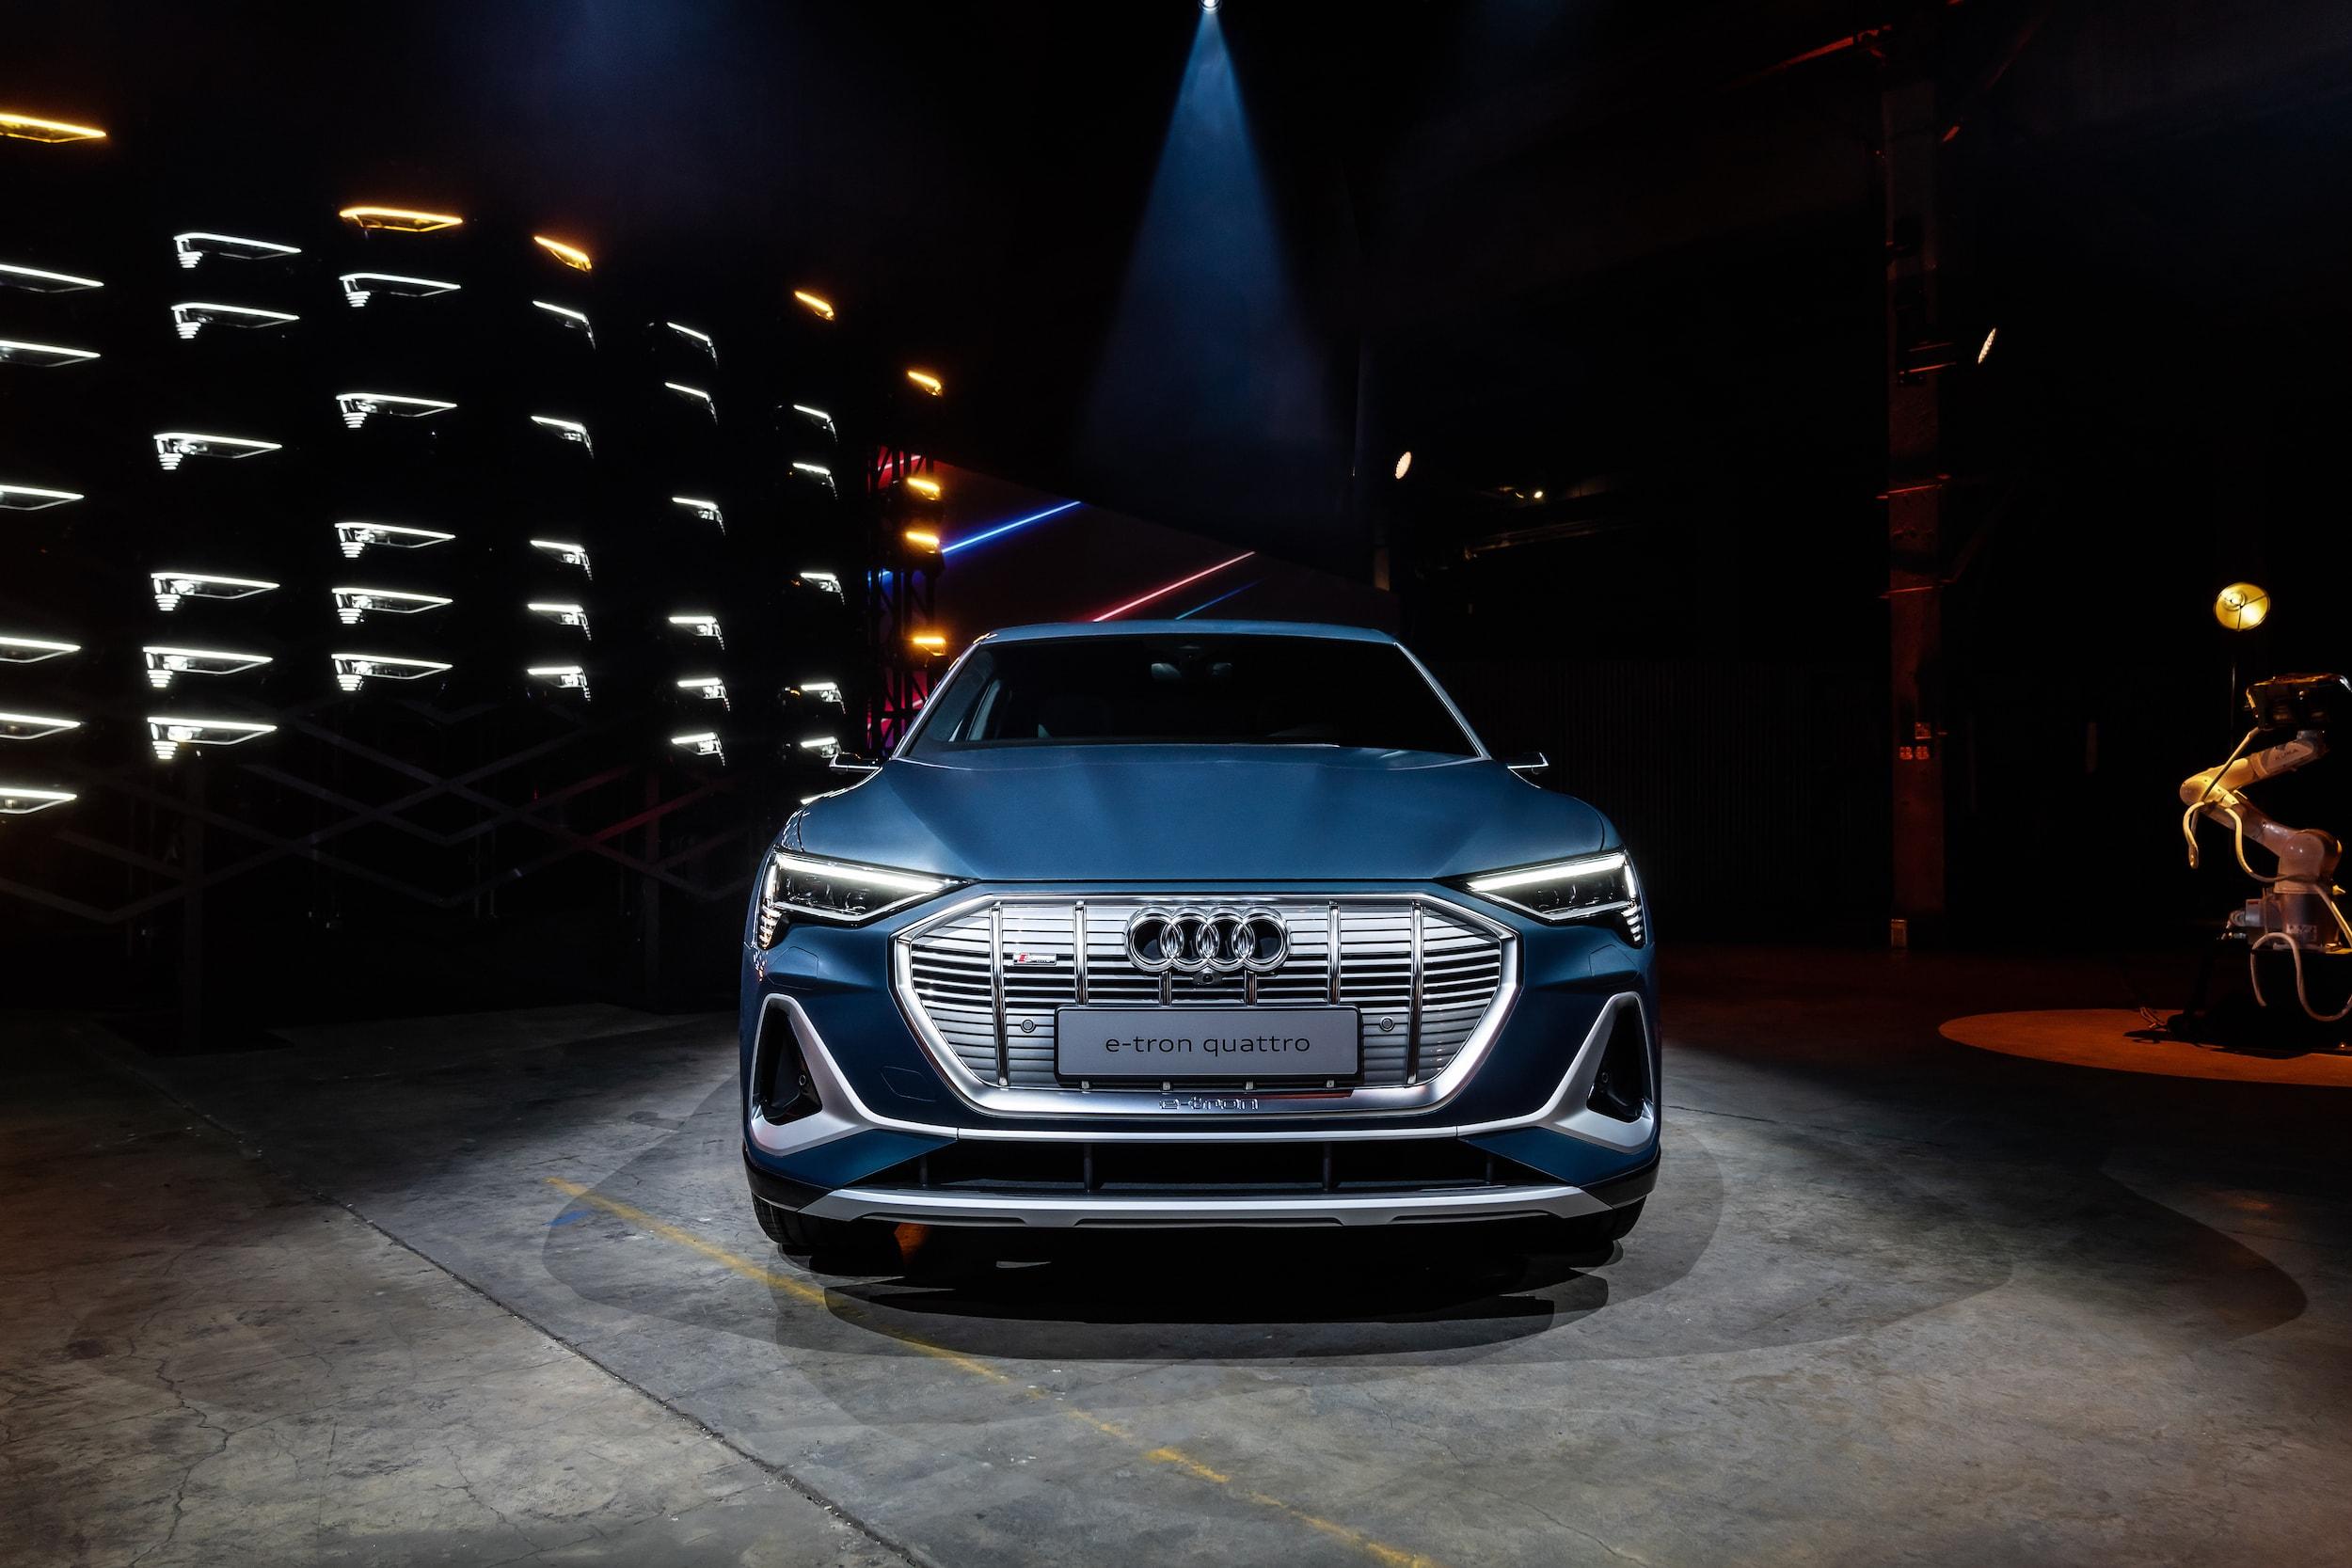 Weltpremiere in L.A.: Der Audi e-tron Sportback ist da 2